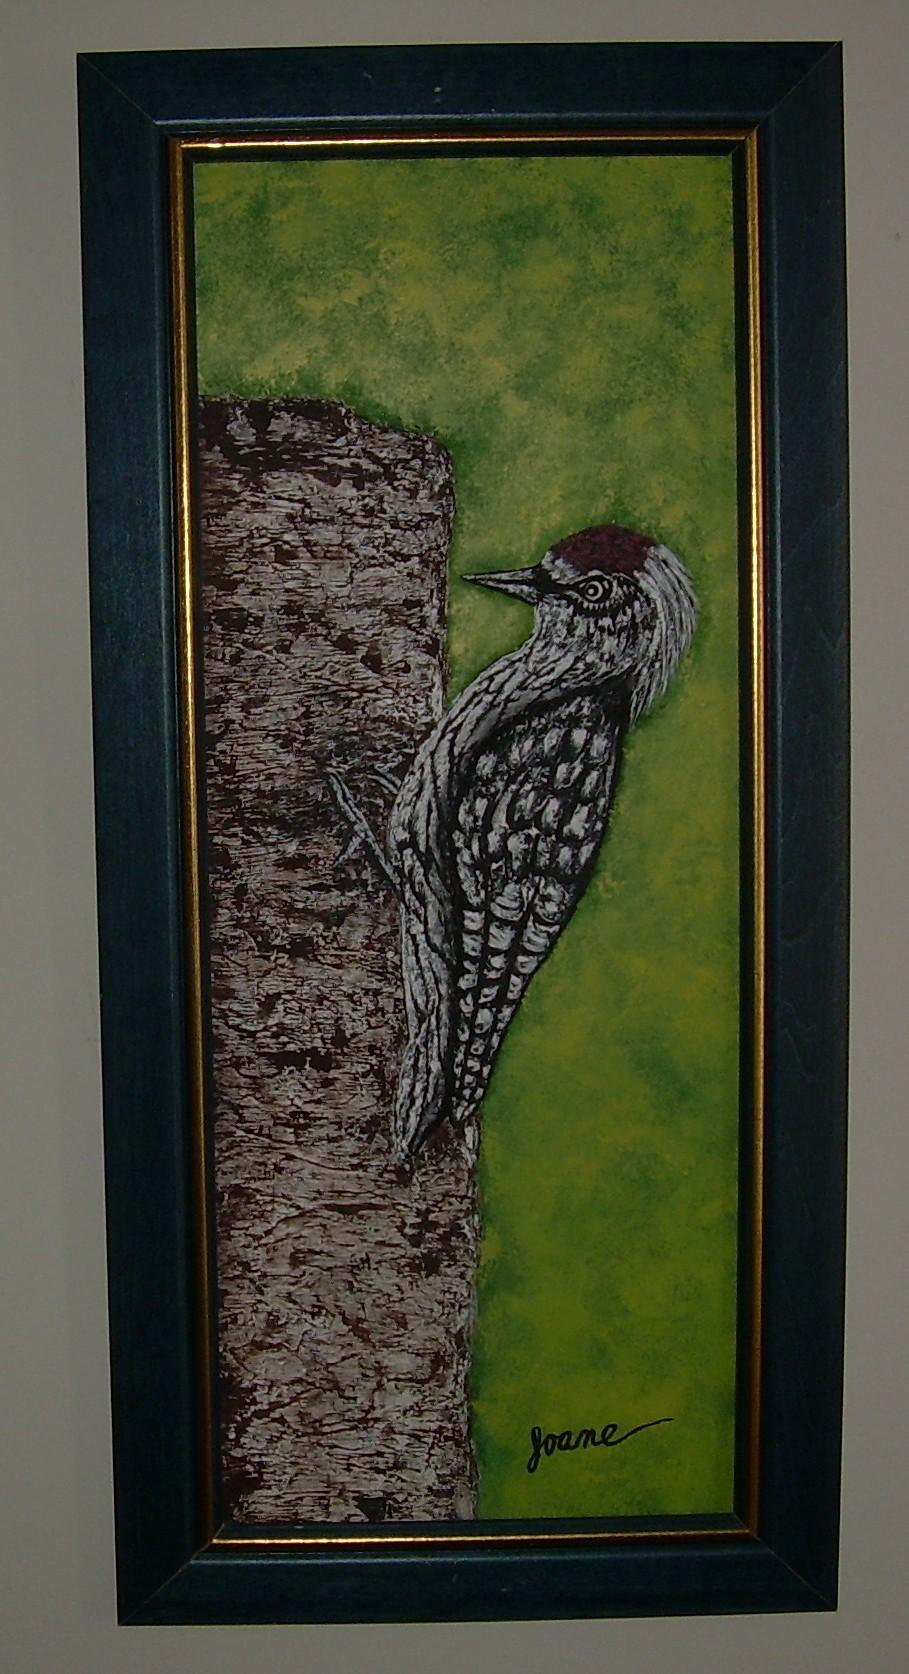 Collection oiseaux texture stucco decoart peinture - Peinture decorative stucco ...